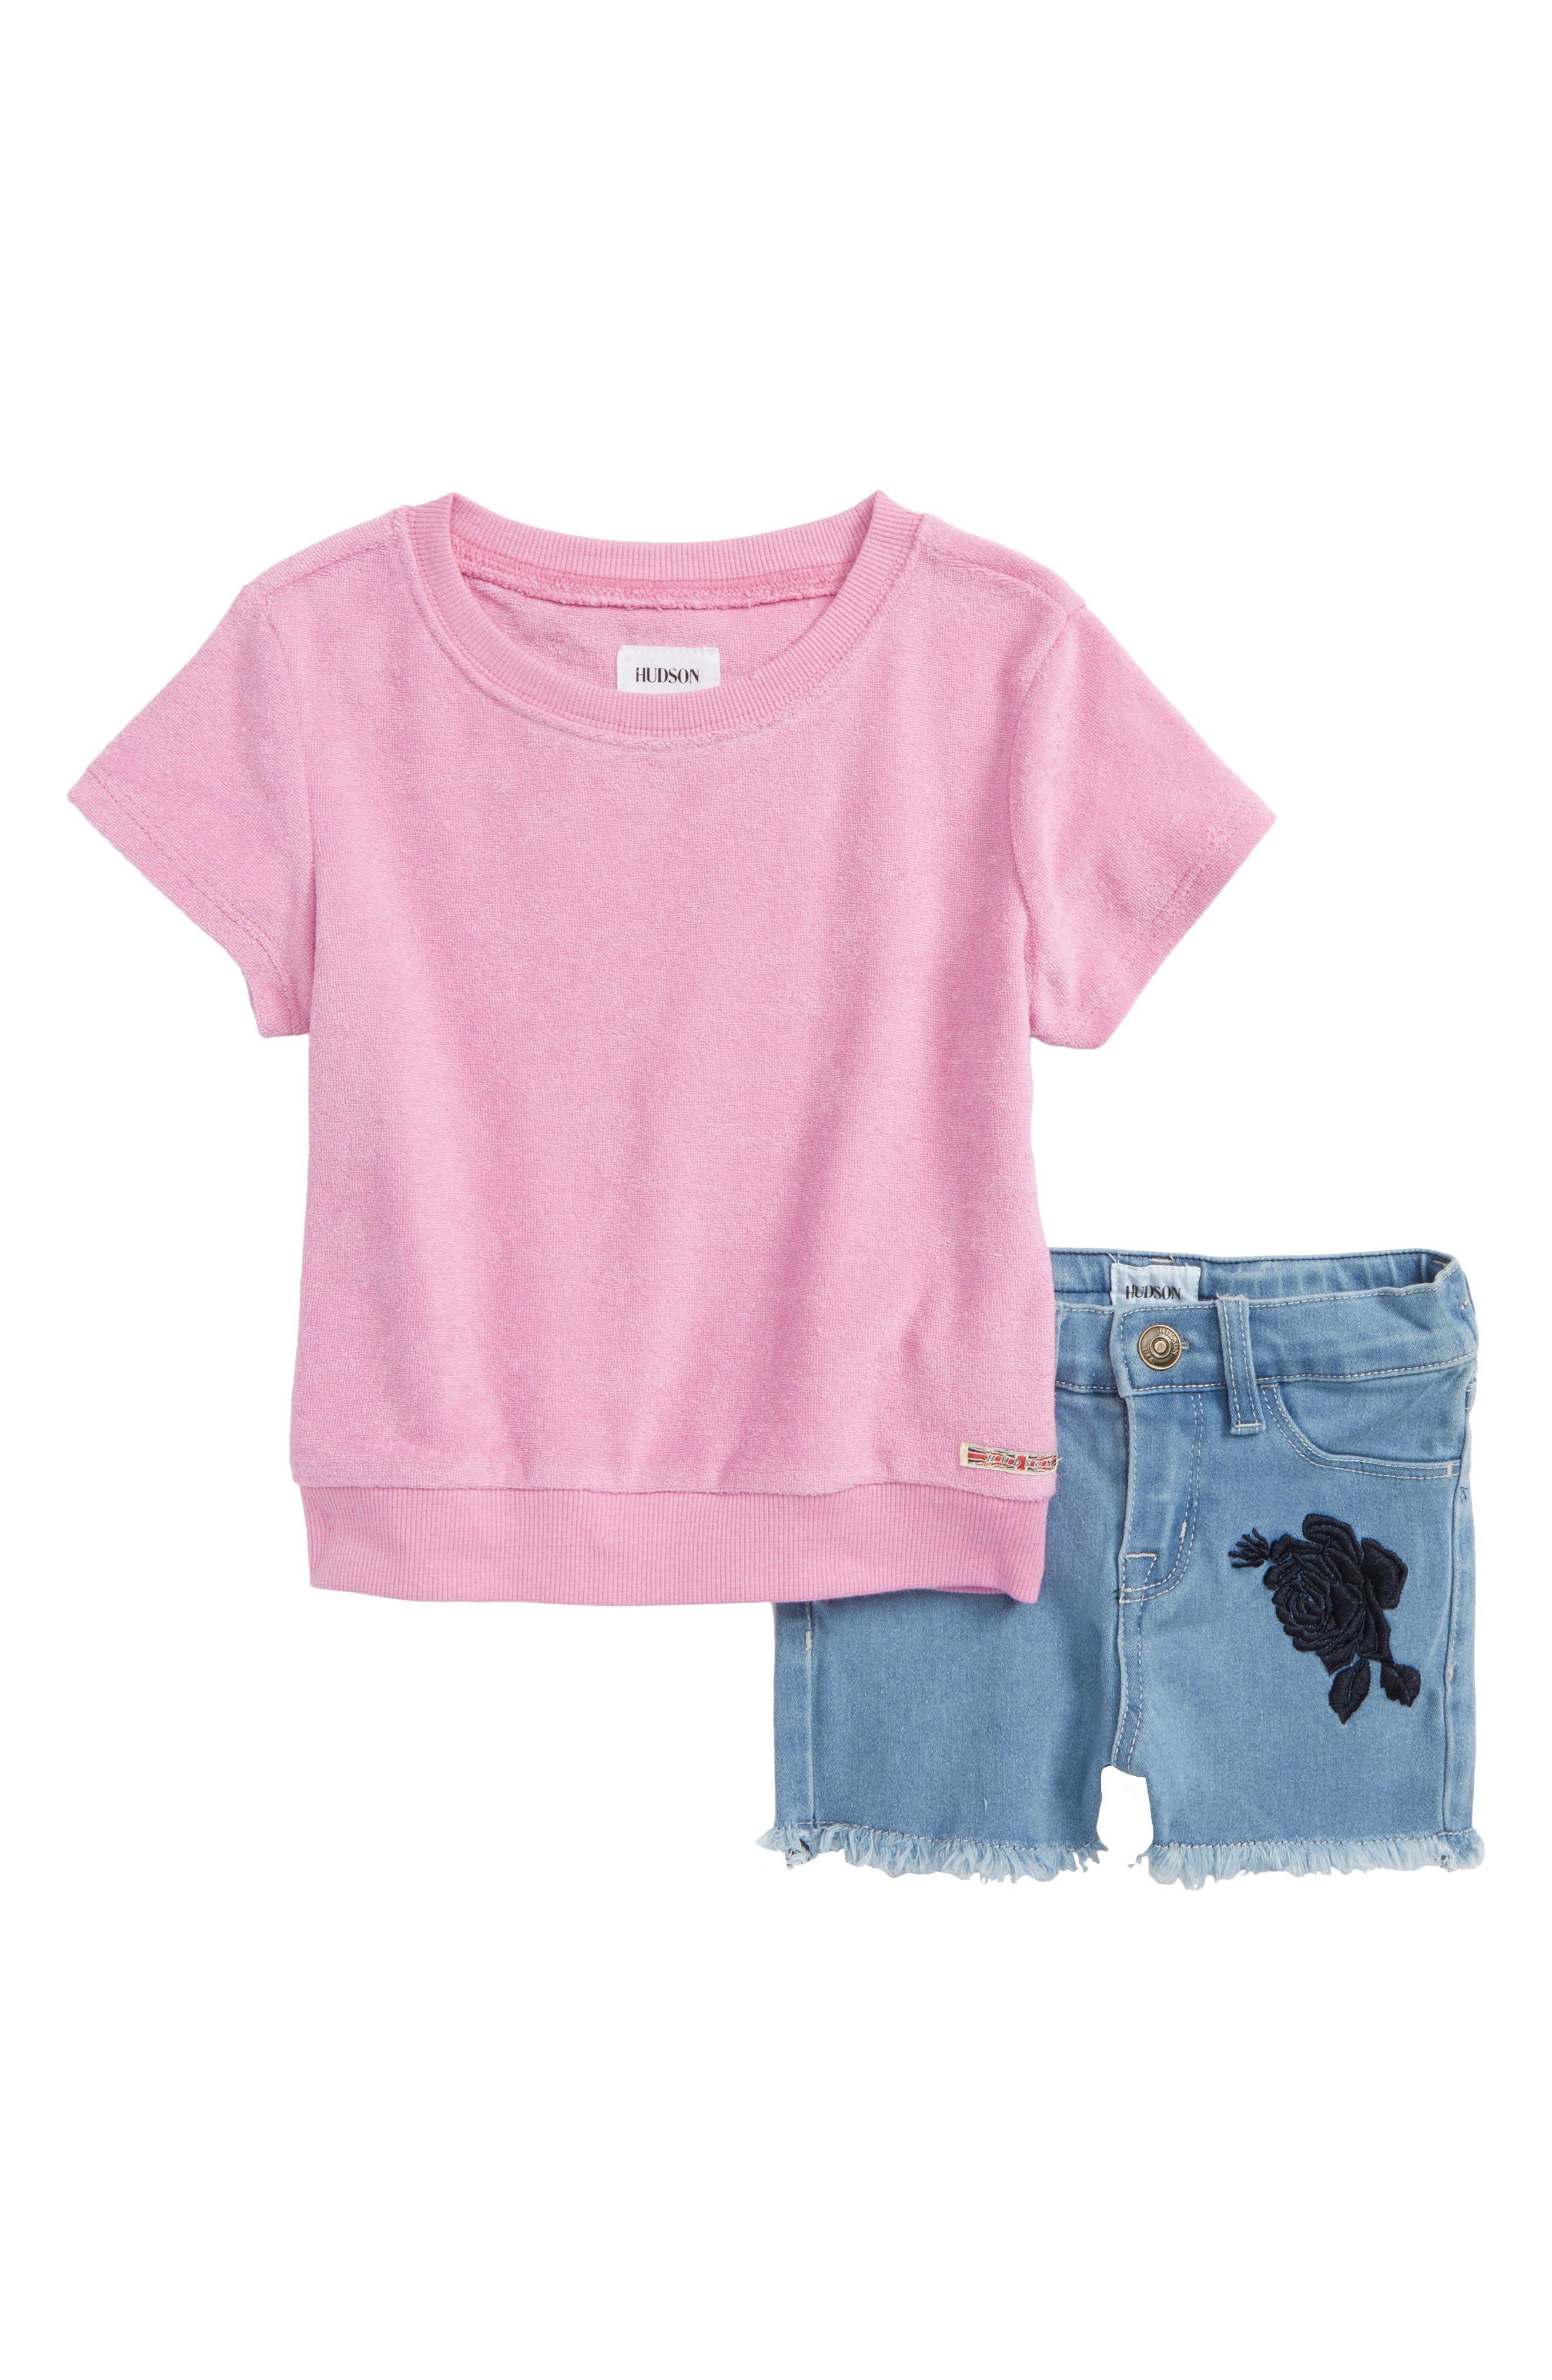 Main Image - Hudson Kids French Terry Tee & Shorts Set (Toddler Girls)